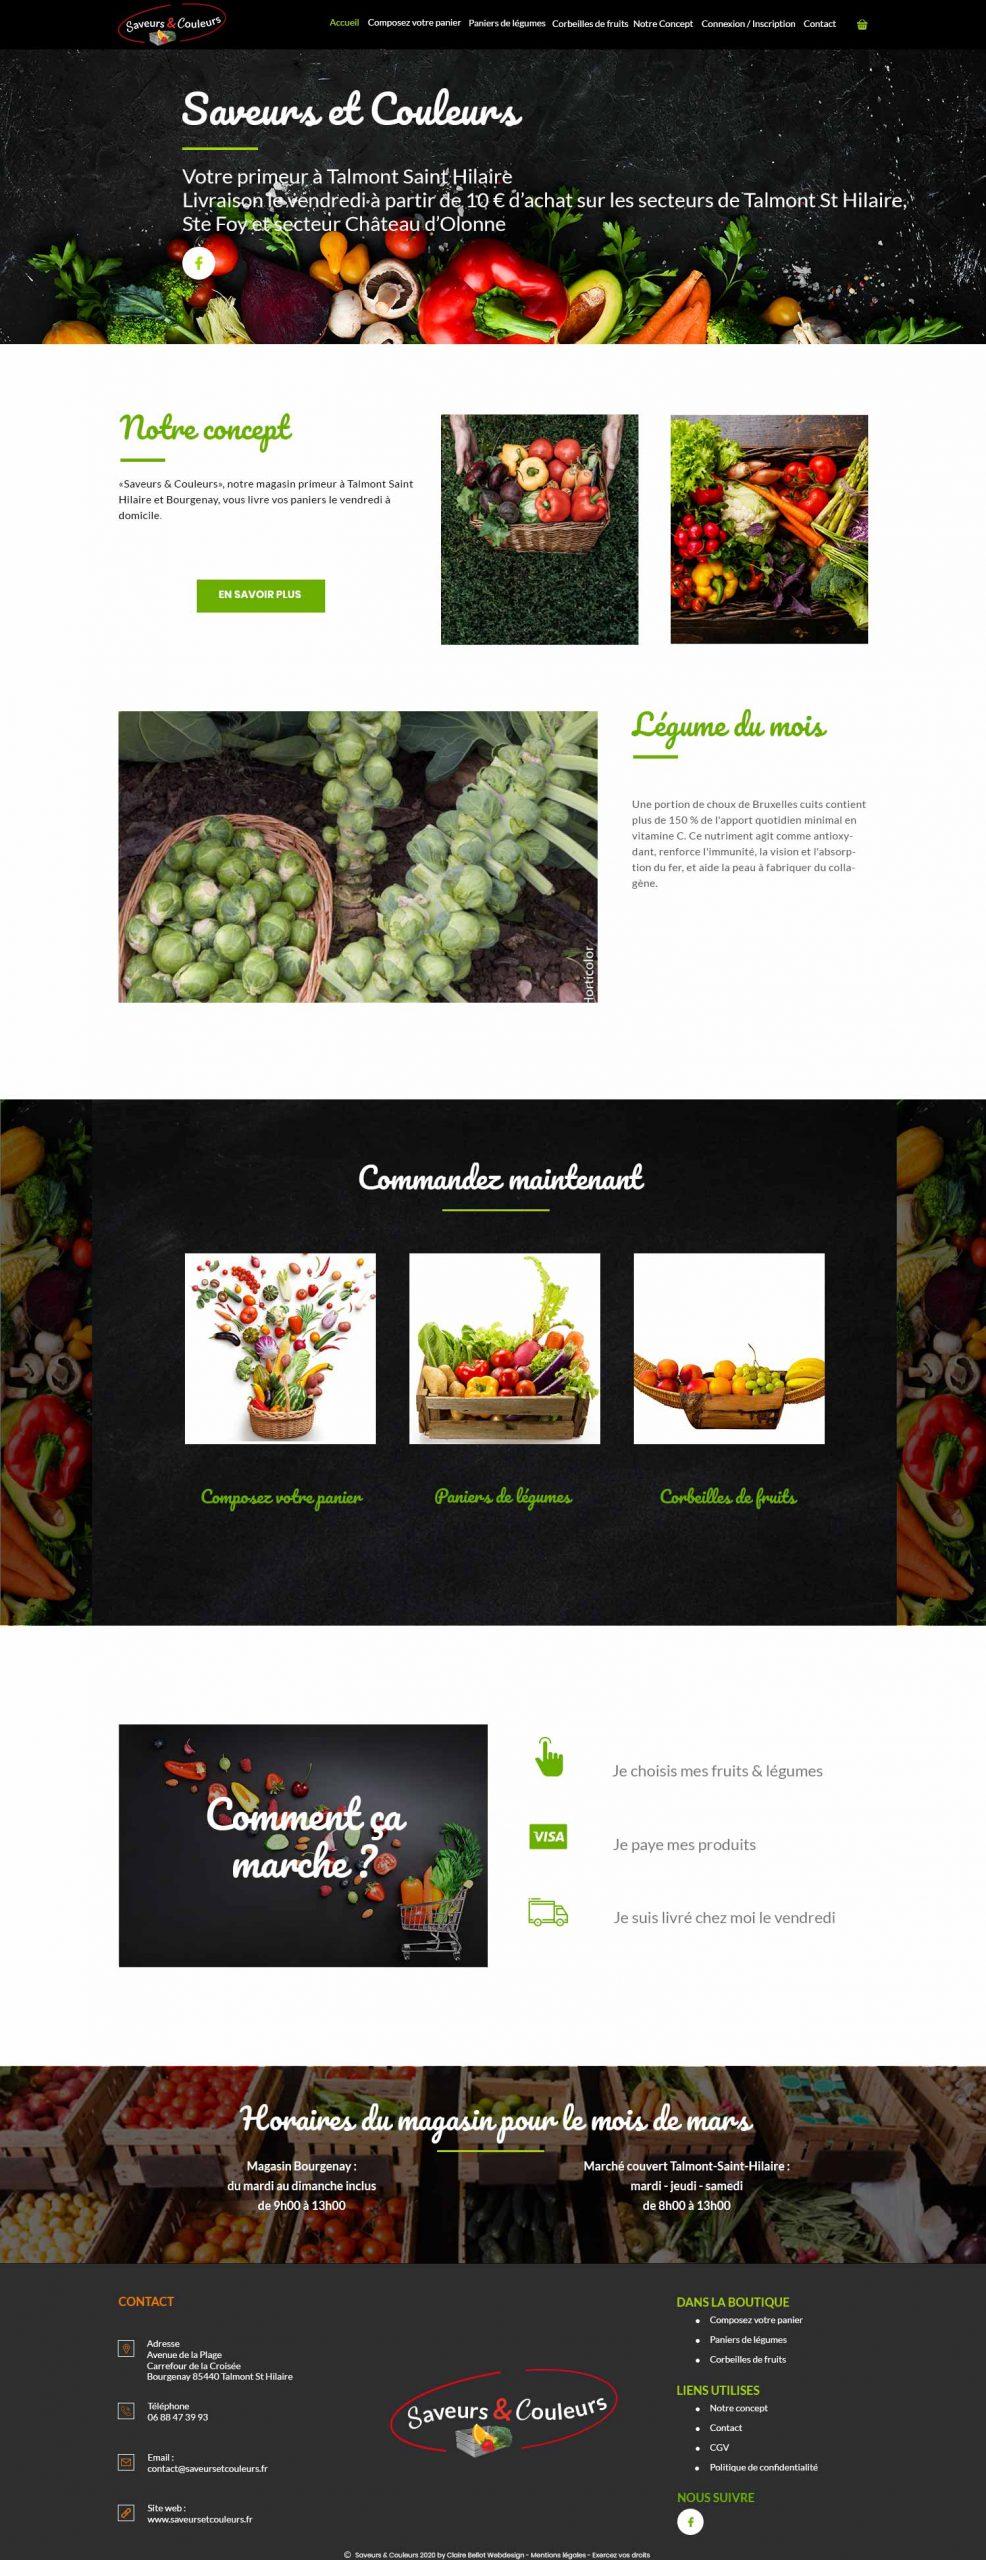 Saveurs et Couleurs page accueil création site e-commerce